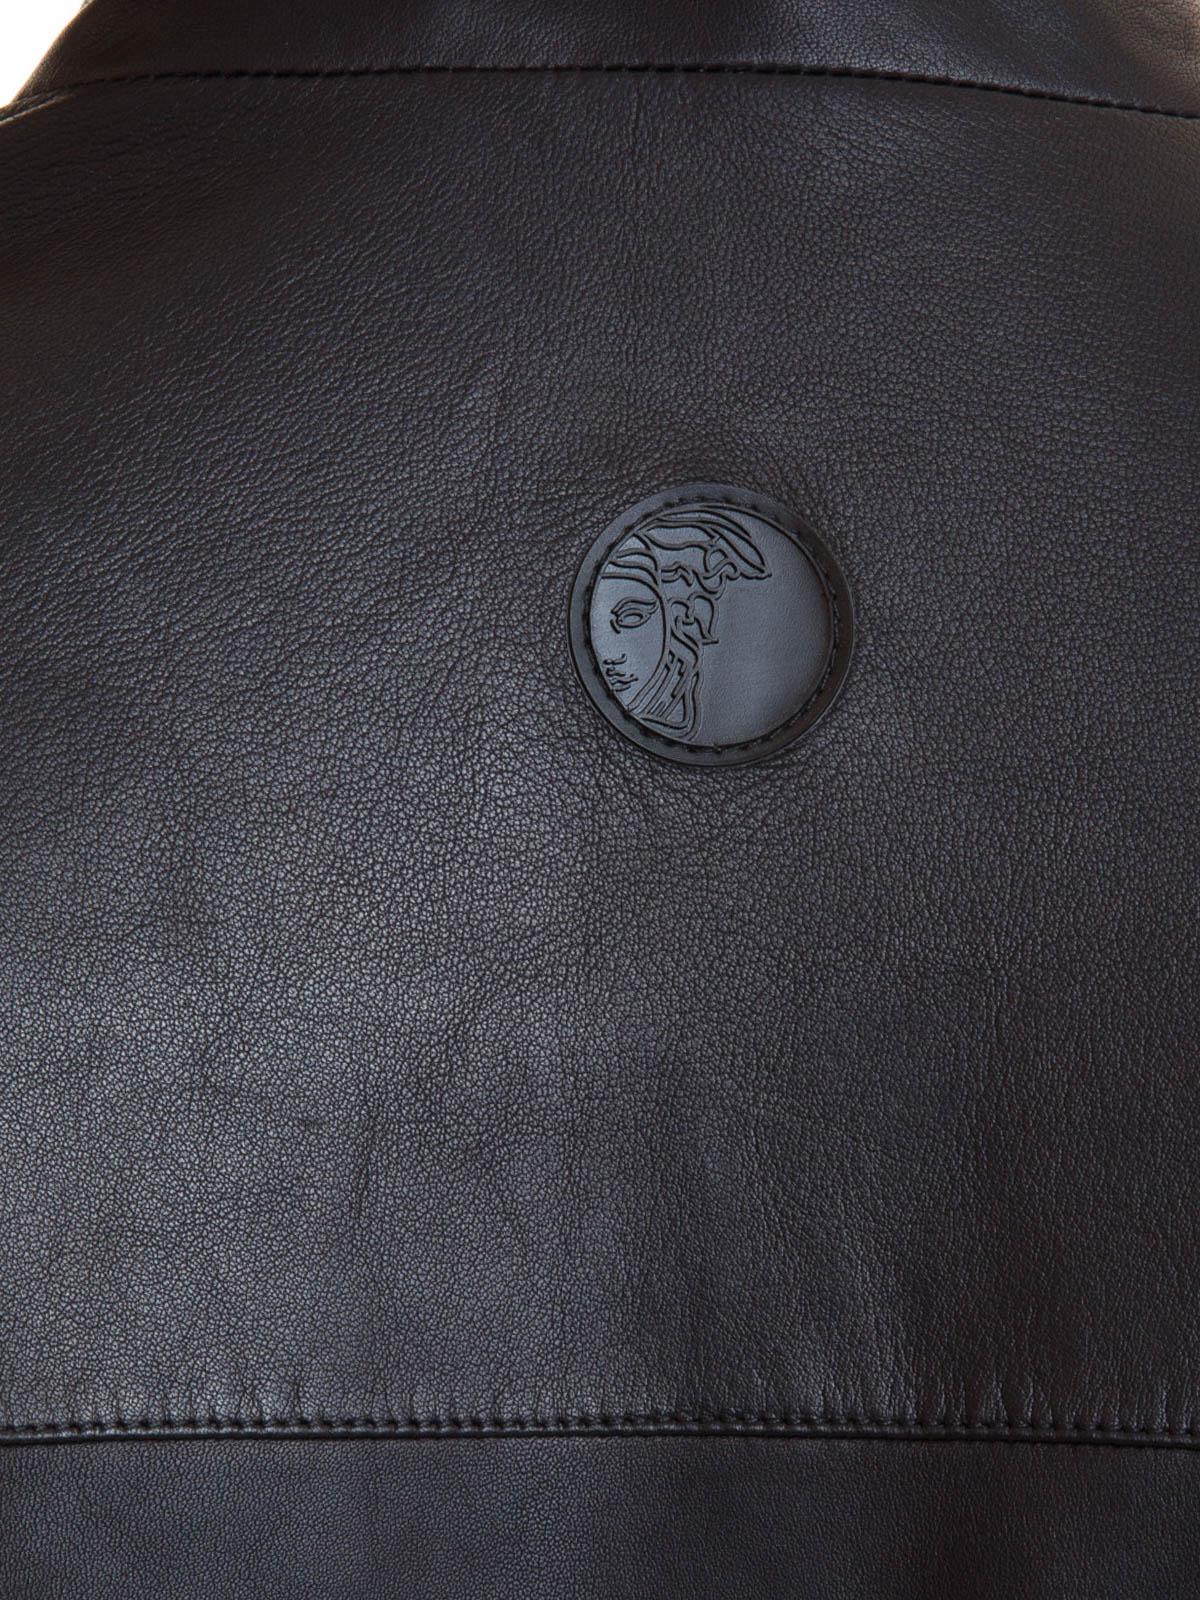 6ec9570d12be2 Versace Collection - Manteau En Cuir Noir Pour Homme - Vestes en ...